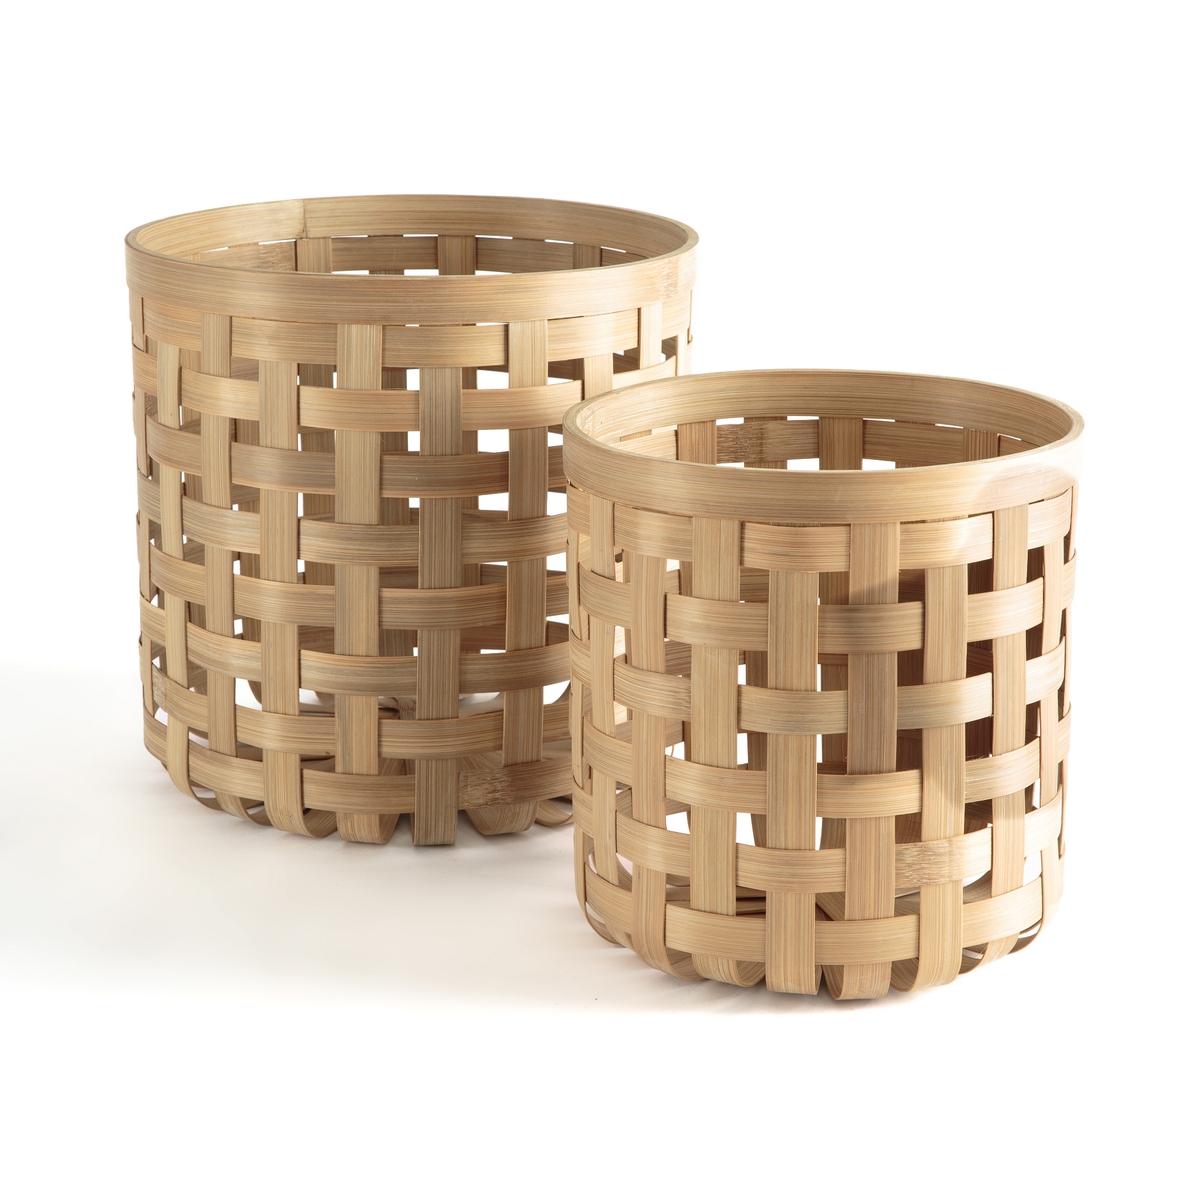 Комплект из корзин из La Redoute Плетеного бамбука Yadiel единый размер бежевый корзина la redoute x в см бамбук и плетеный ротанг brazil единый размер каштановый